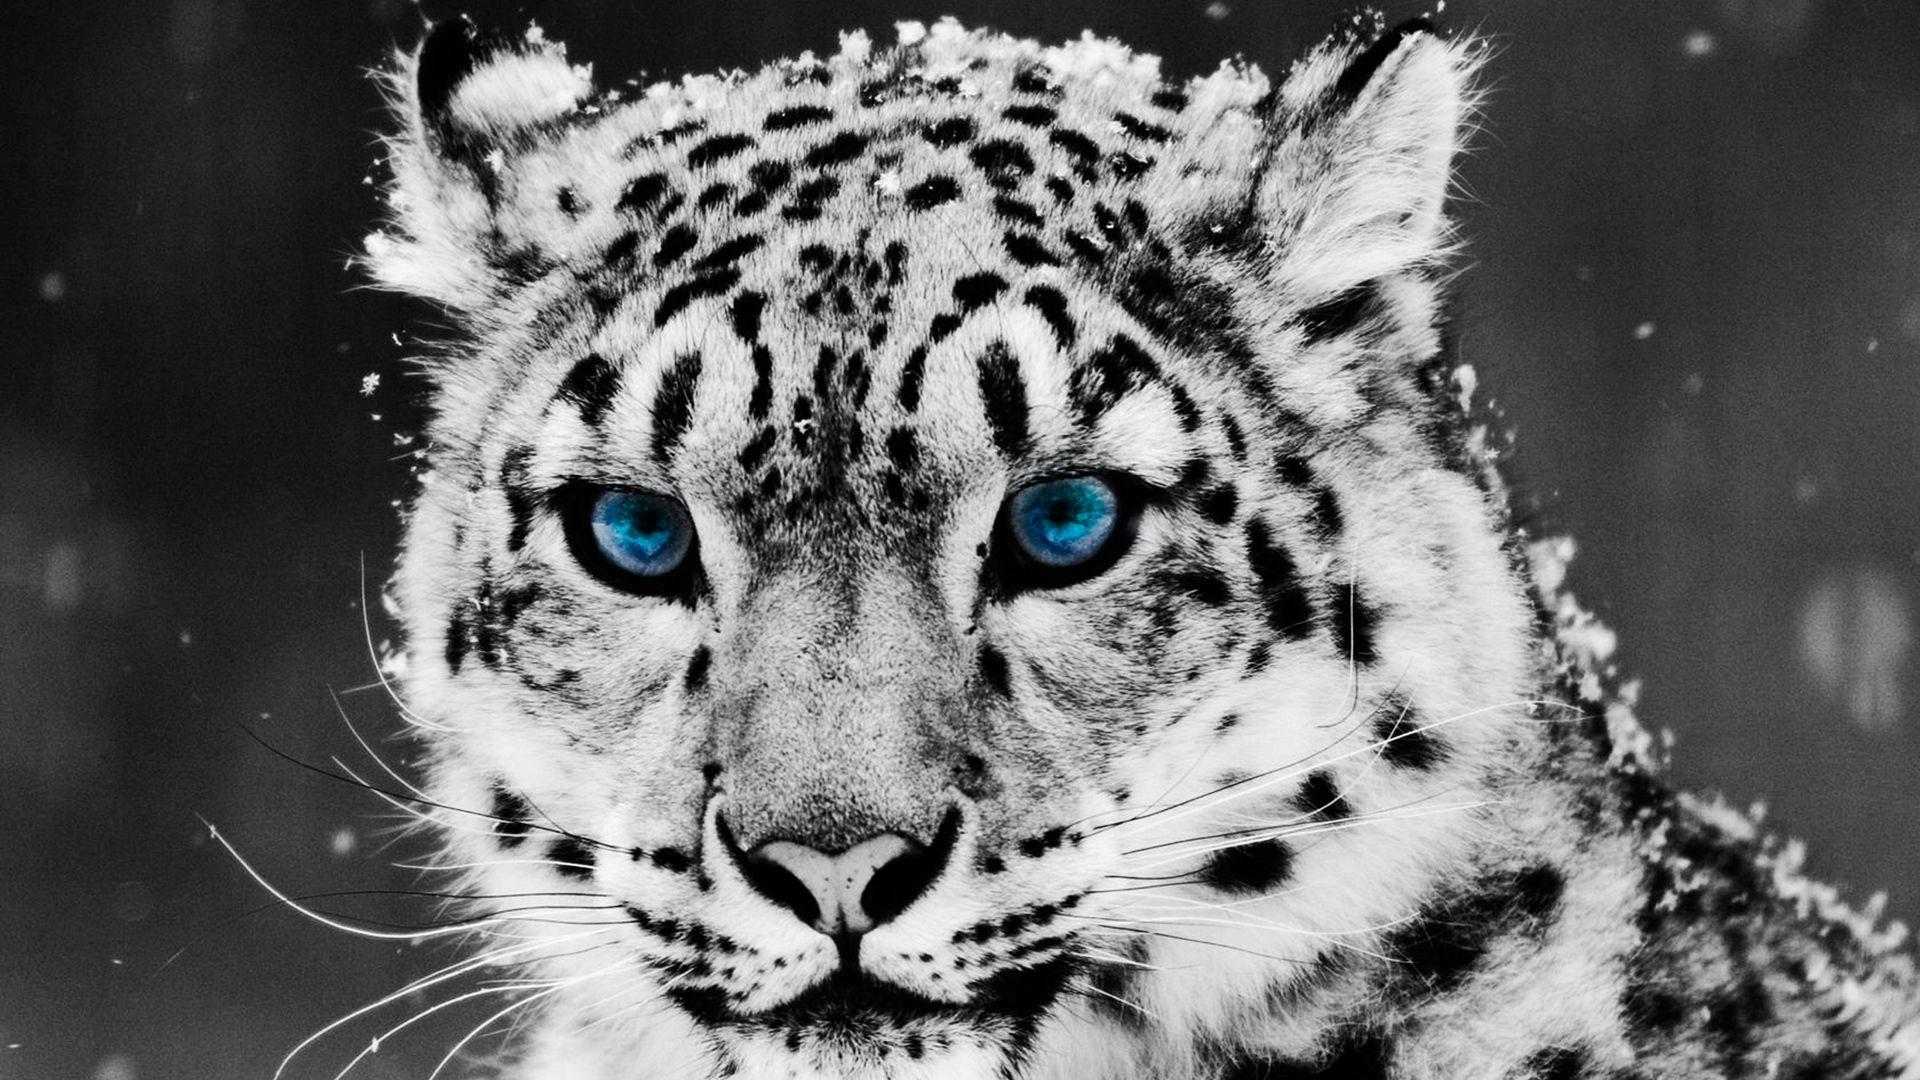 Full hd 1080p snow leopard wallpapers hd desktop backgrounds full hd 1080p snow leopard wallpapers hd desktop backgrounds voltagebd Image collections